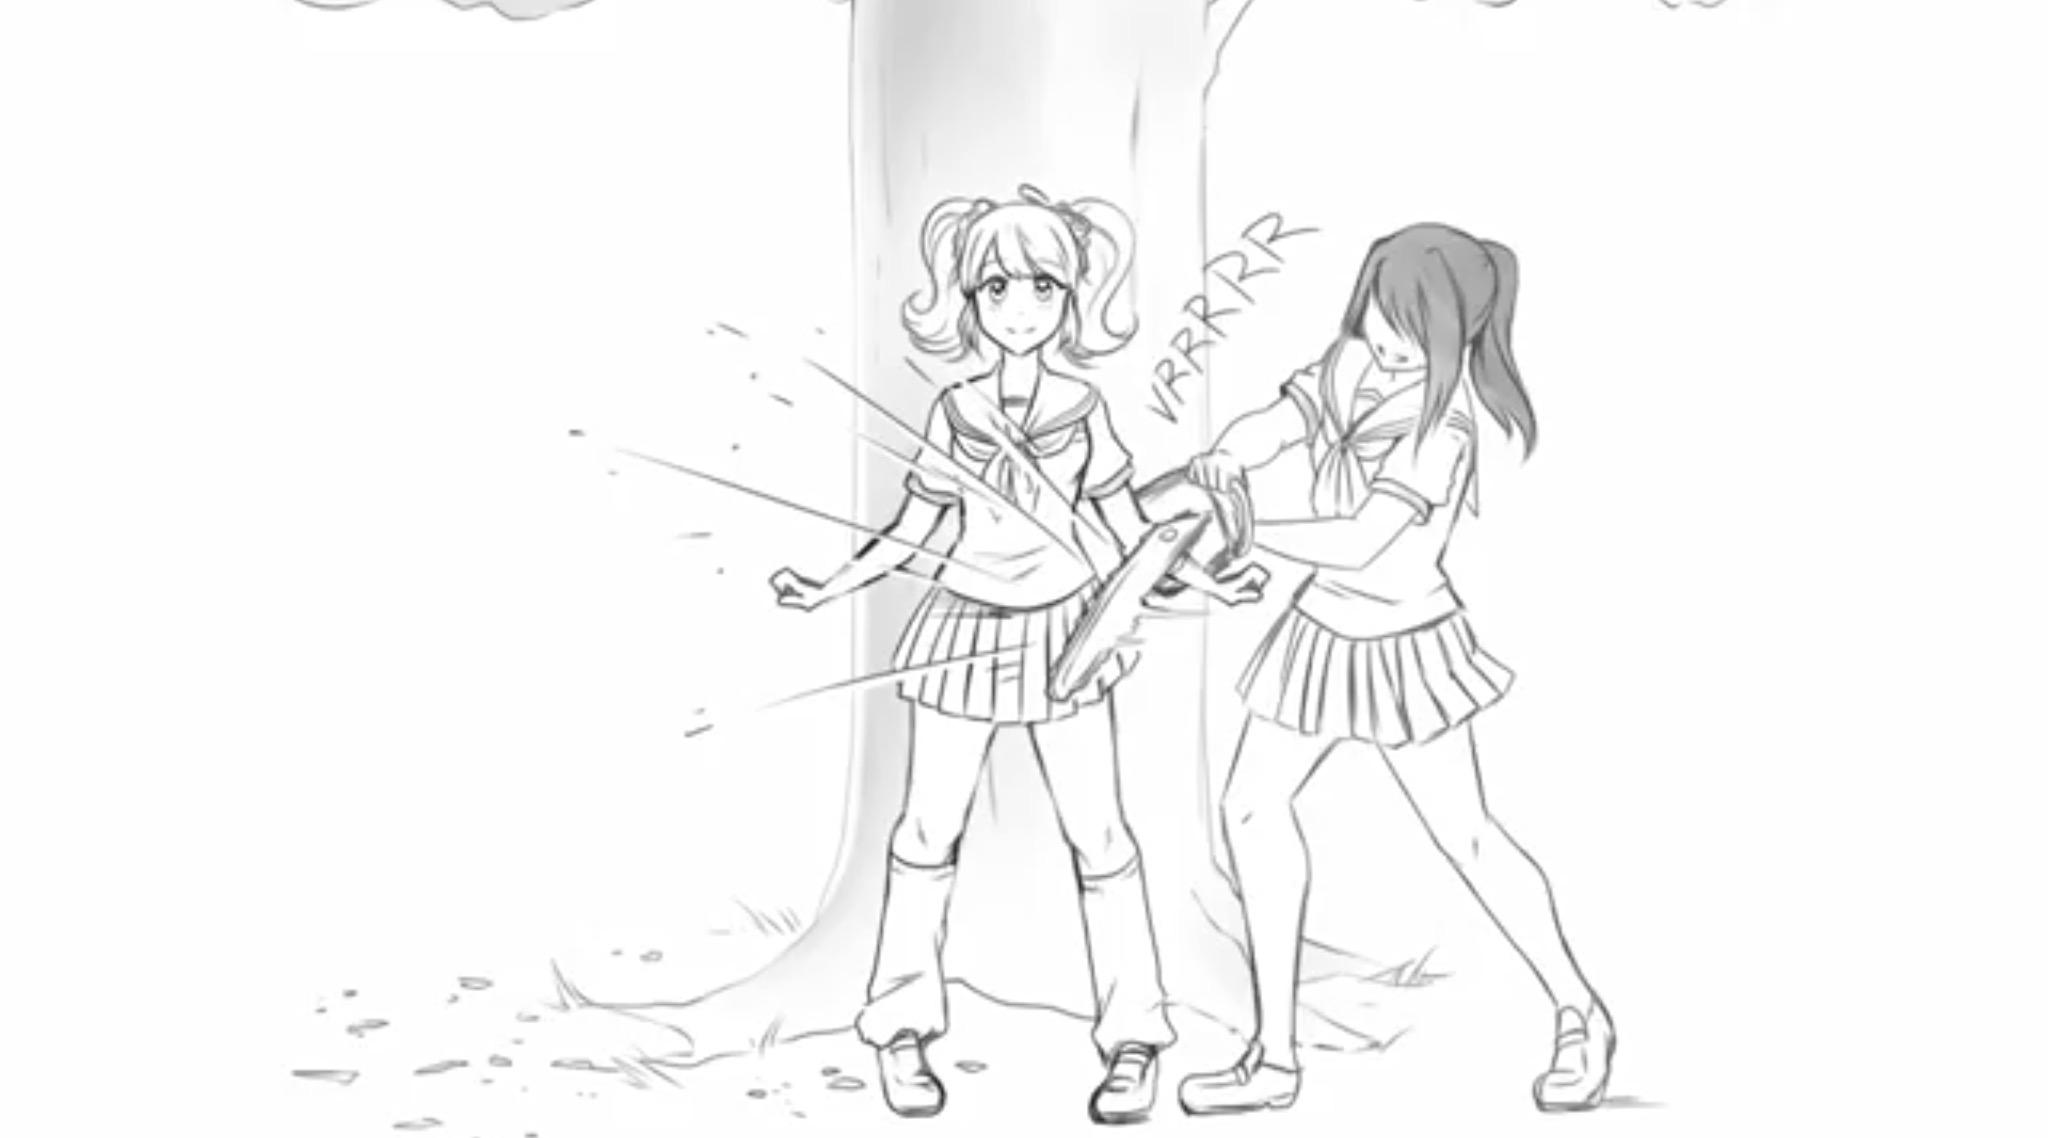 Rival-chan